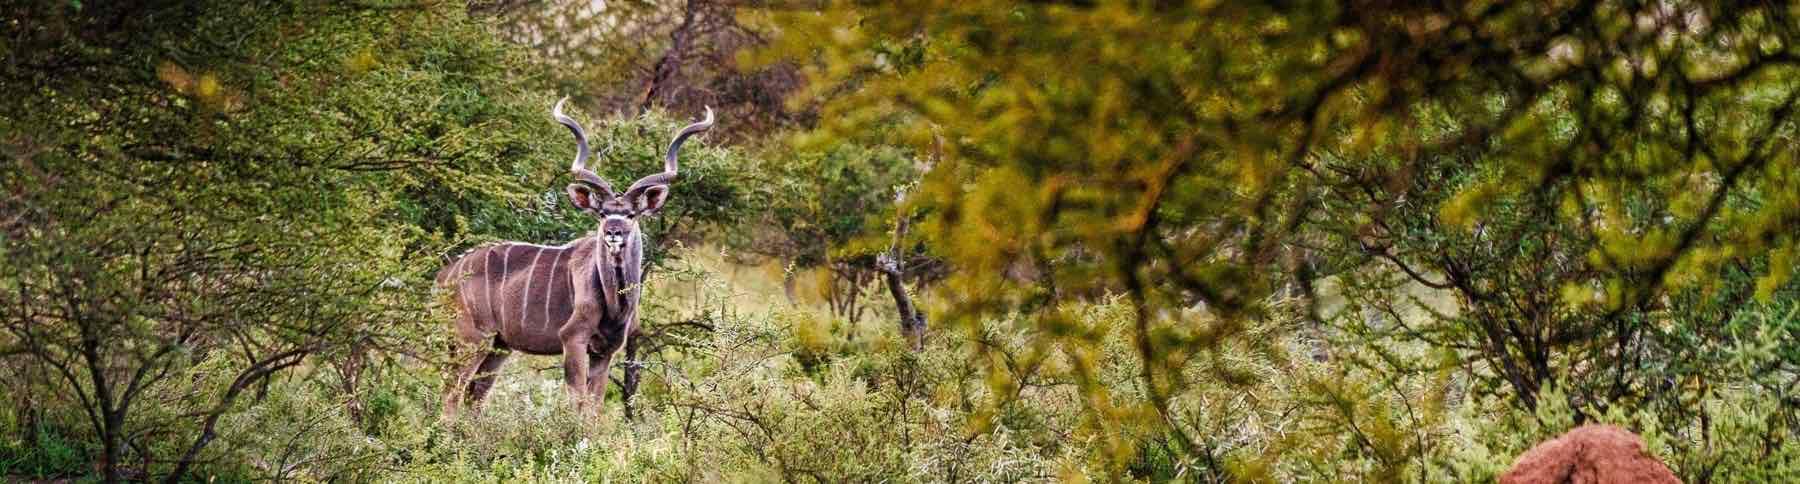 Namibia-Plains-Game-Hunting-Safaris-Afri